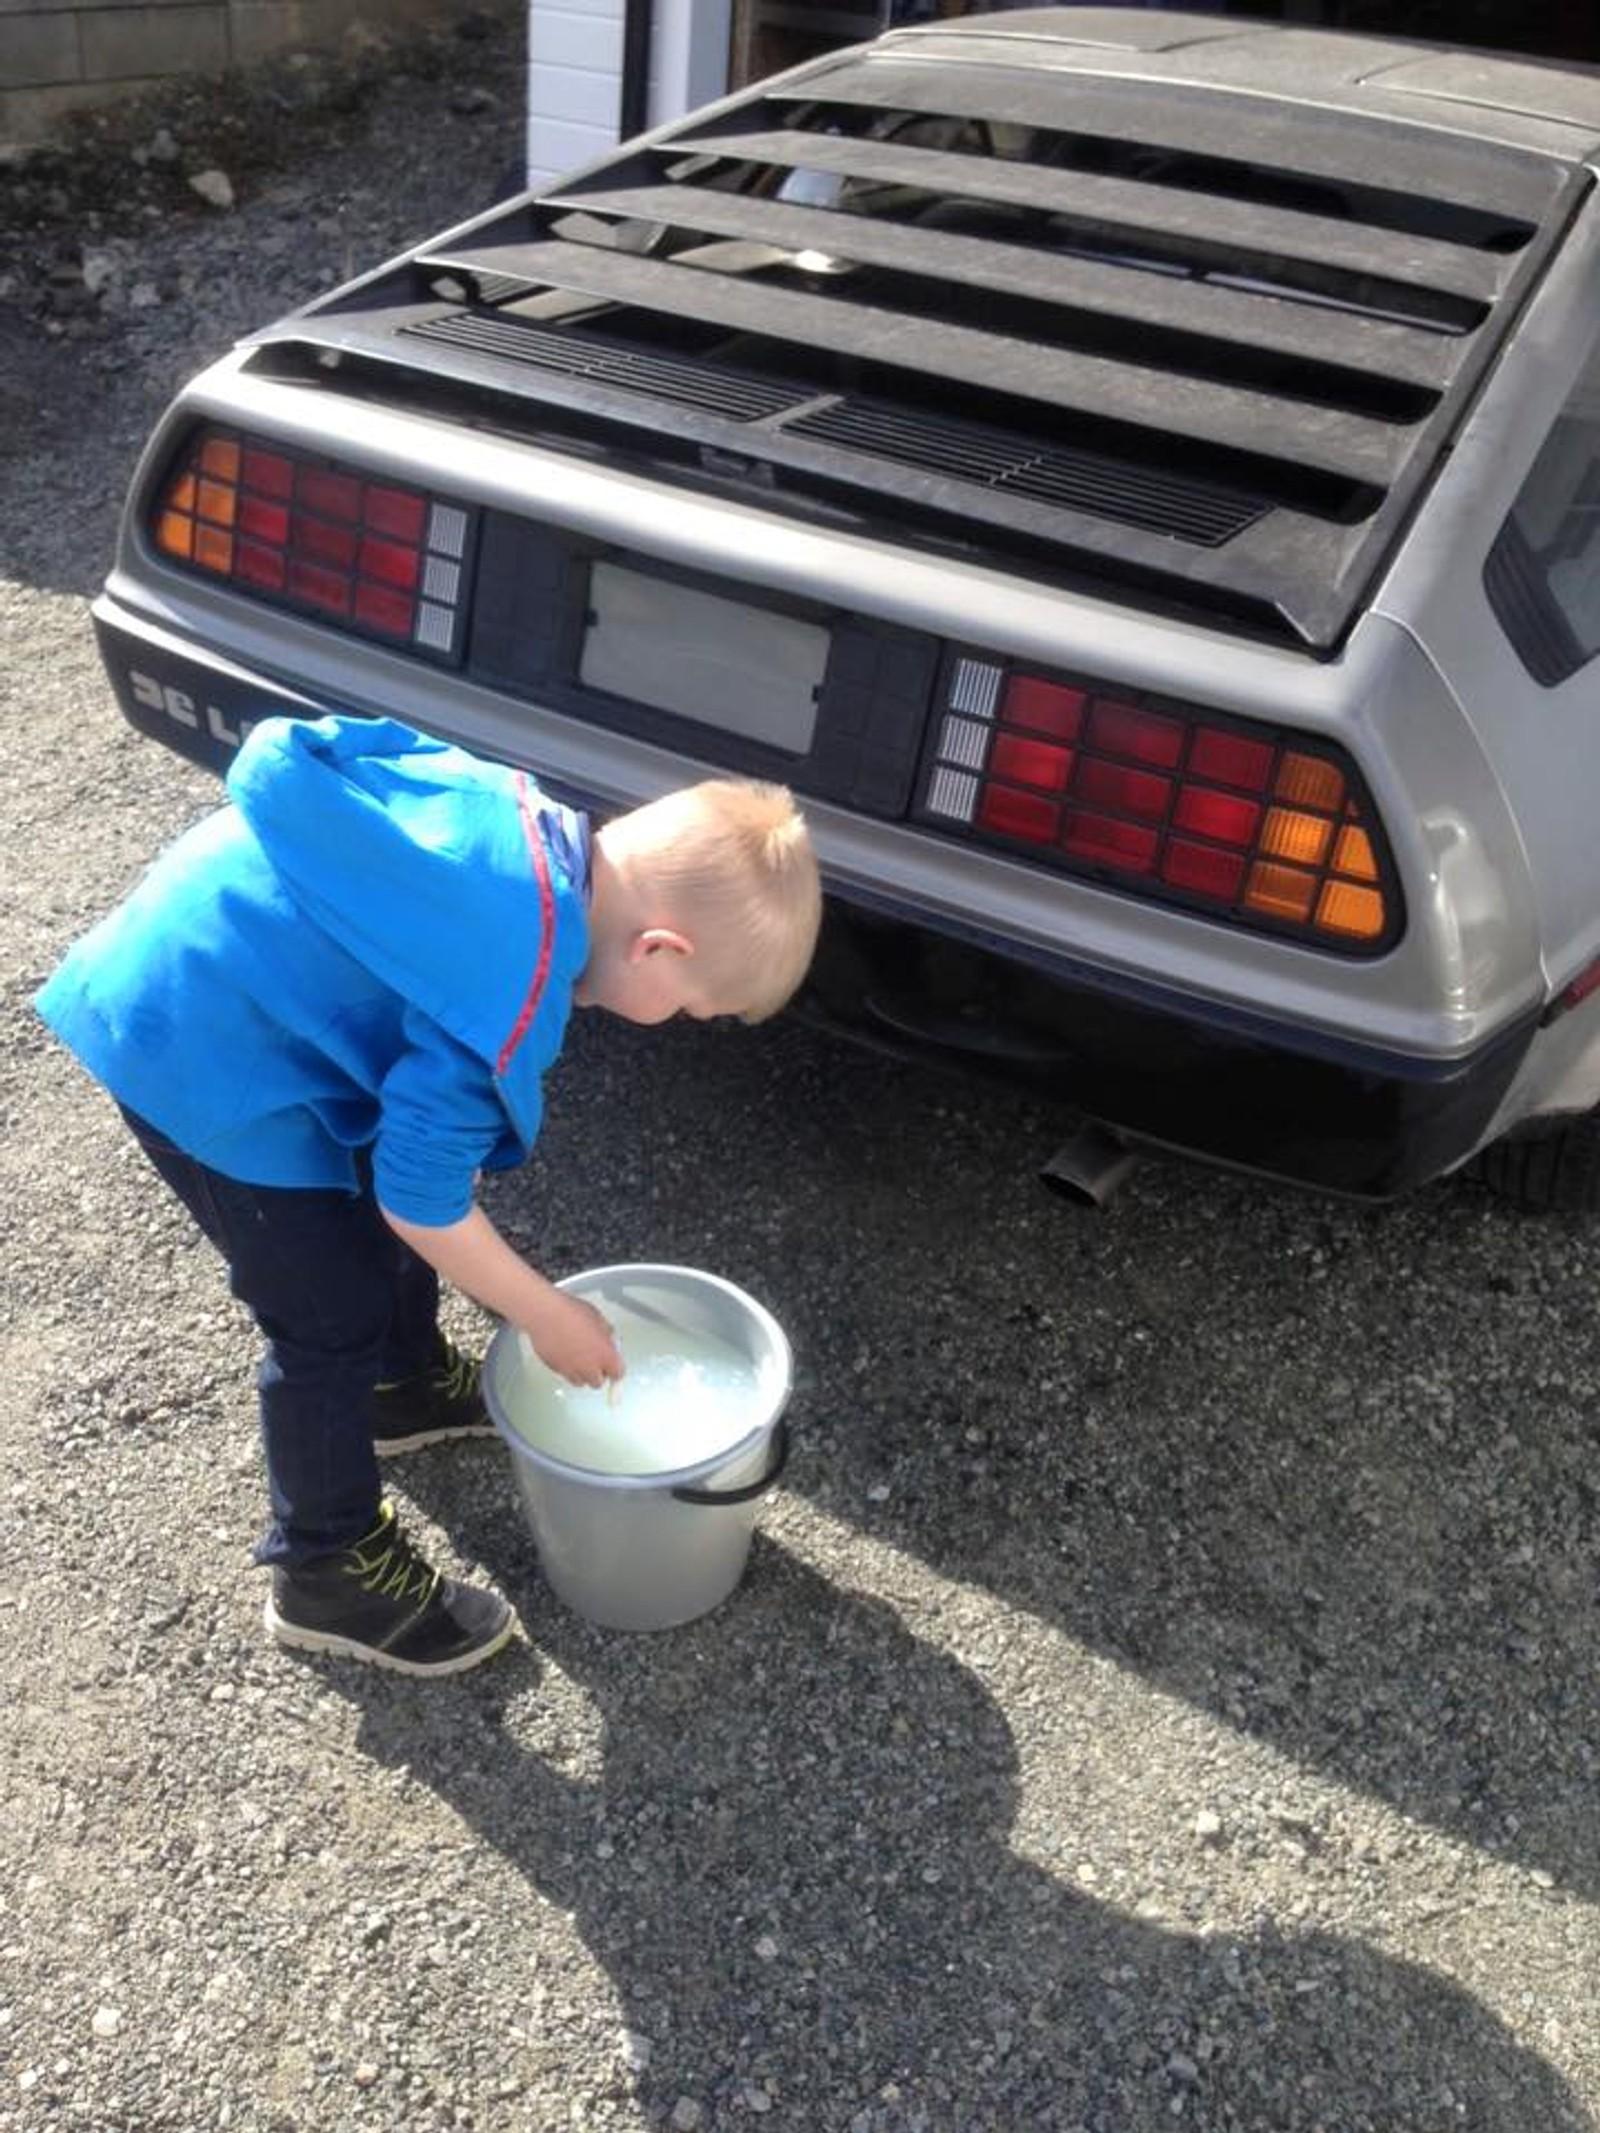 Stian Birkeland får hjelp av sønnen til å ta vasken på DeLorean-bilen som snart skal bli klar for veien igjen etter en motorskade.